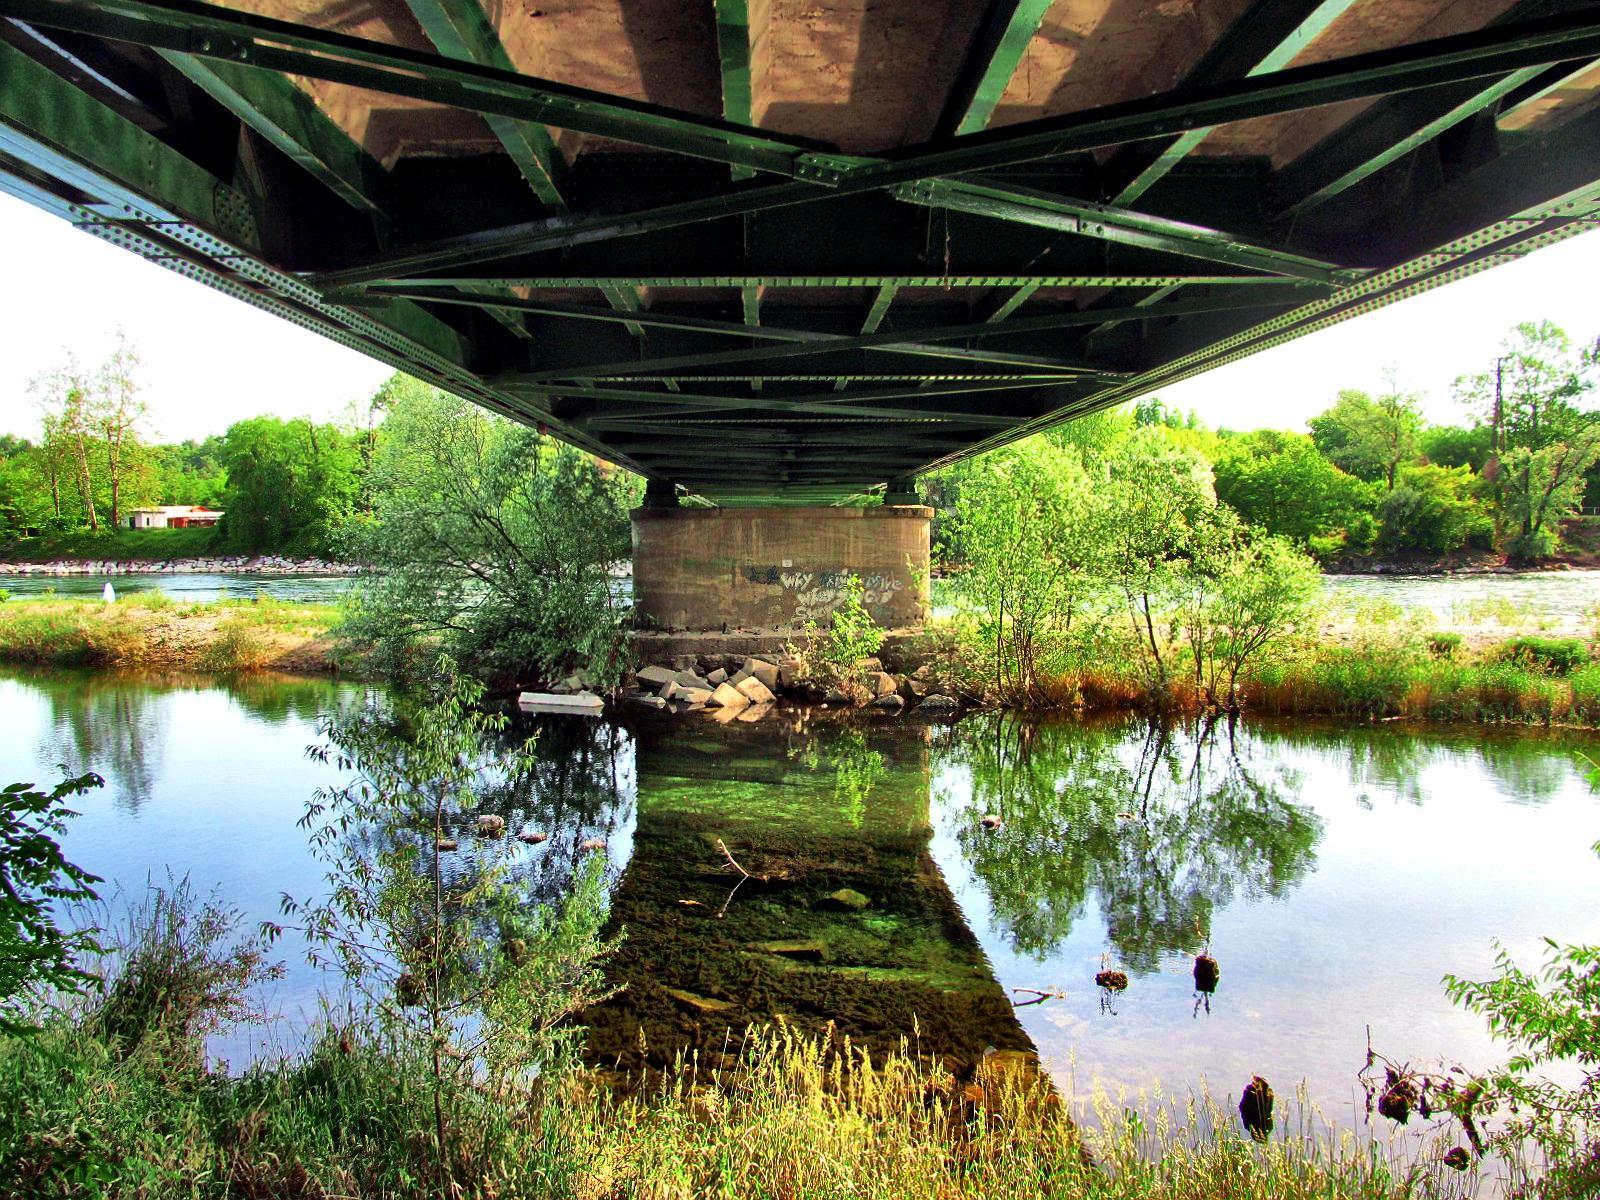 Ticinoriverpark turbigo ponte di ferro sul ticino - Castelletto sul ticino ...